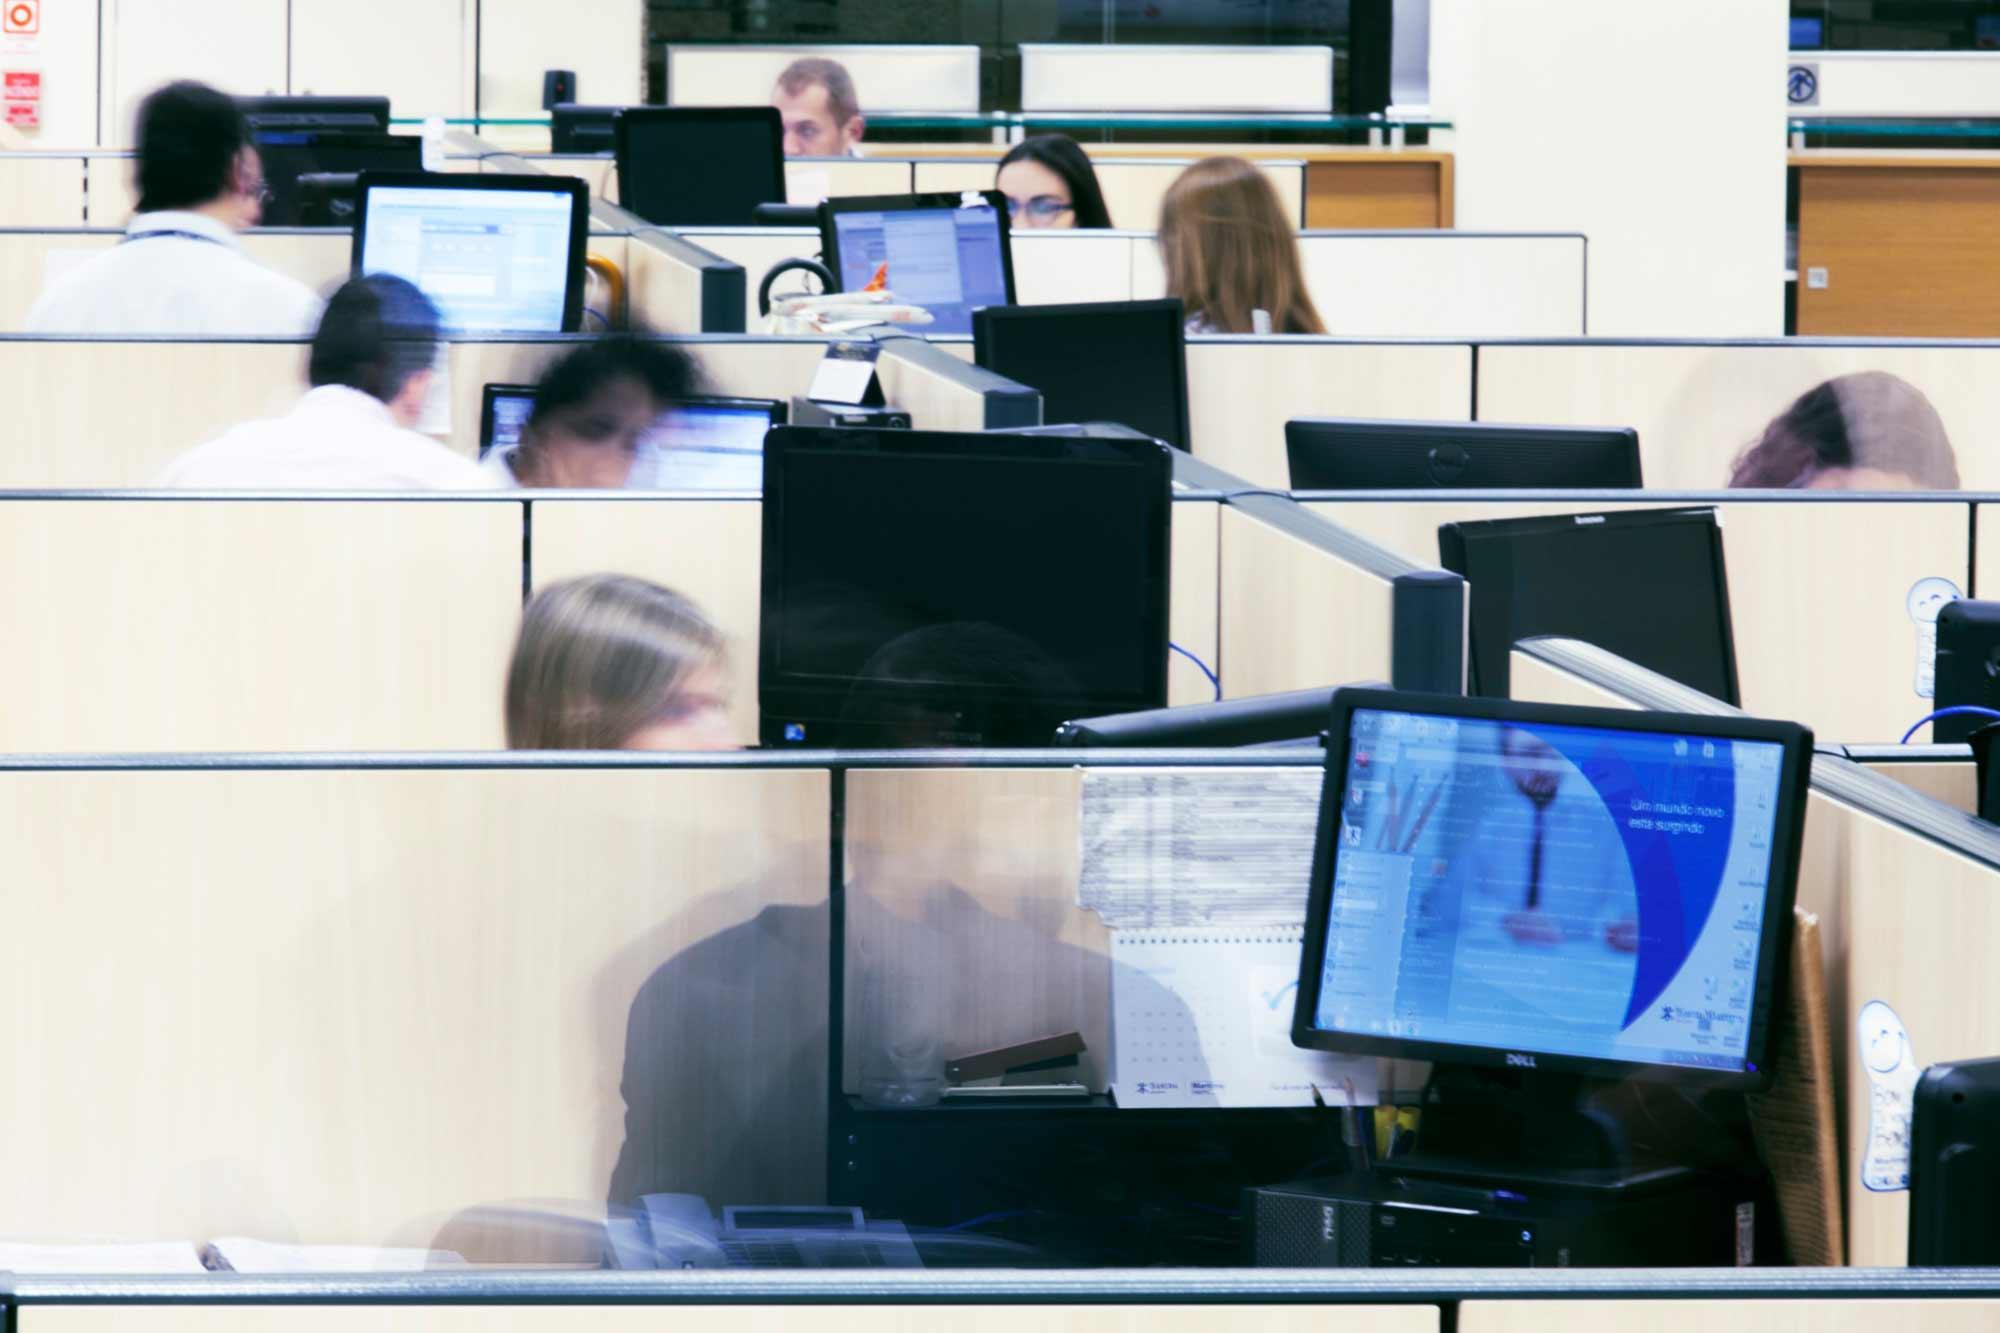 O atendimento 24 horas pode ser um grande diferencial para pequenas empresas.